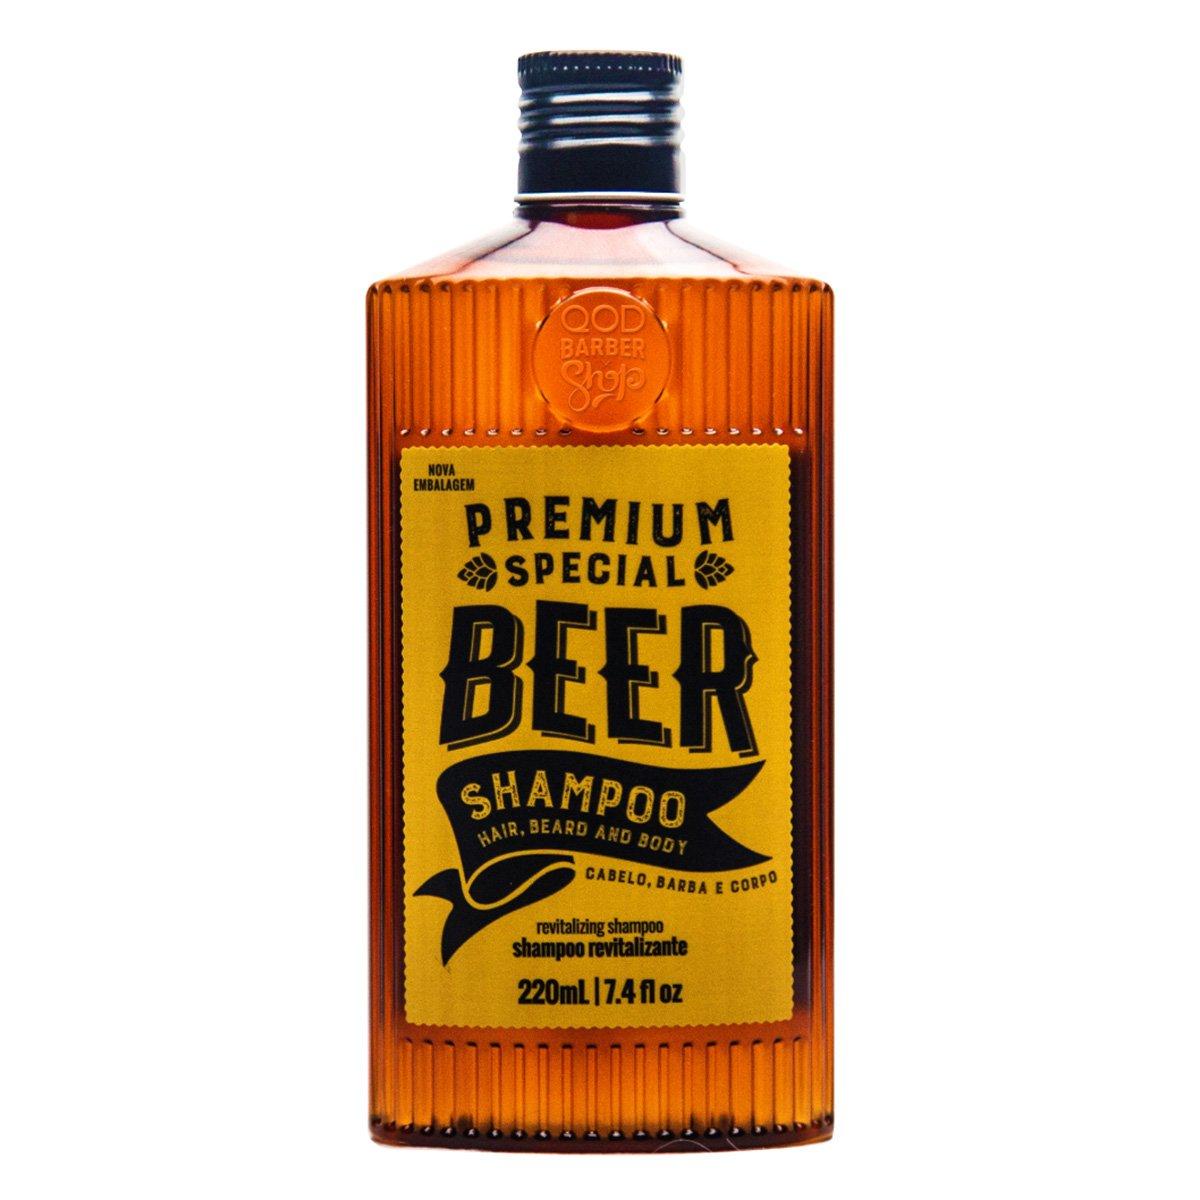 Shampoo Premium Special Beer QOD Barber Shop New 220ml